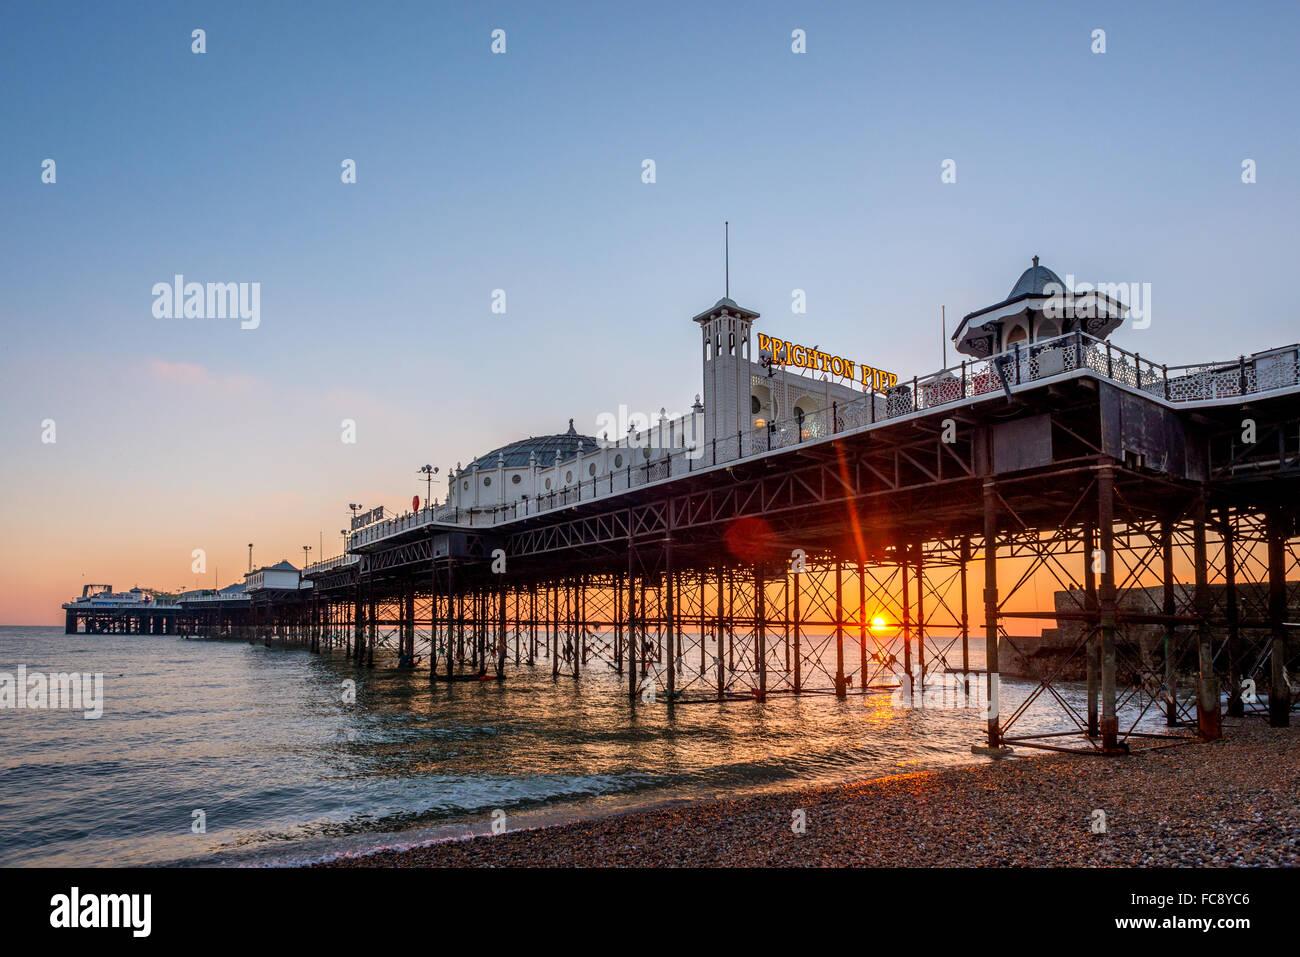 Le soleil se couche à l'horizon derrière le Palace Pier, Brighton. Photo Stock